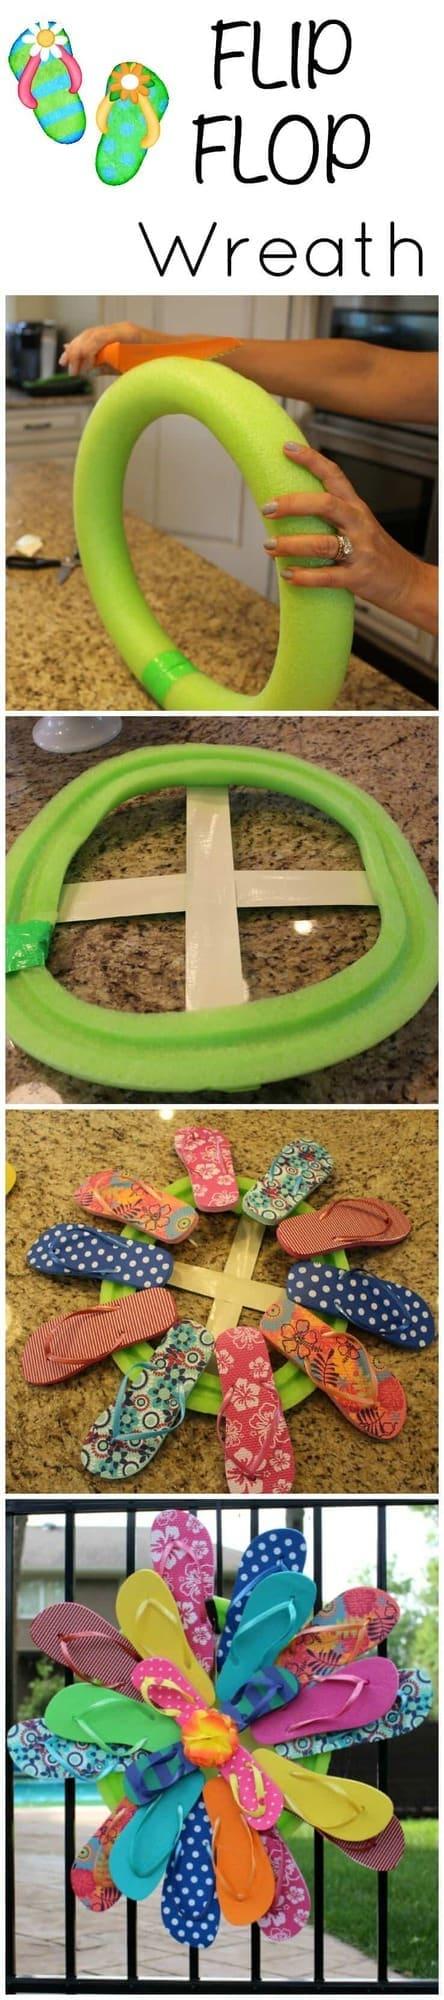 Flip Flop Wreath - easy dollar store DIY activity